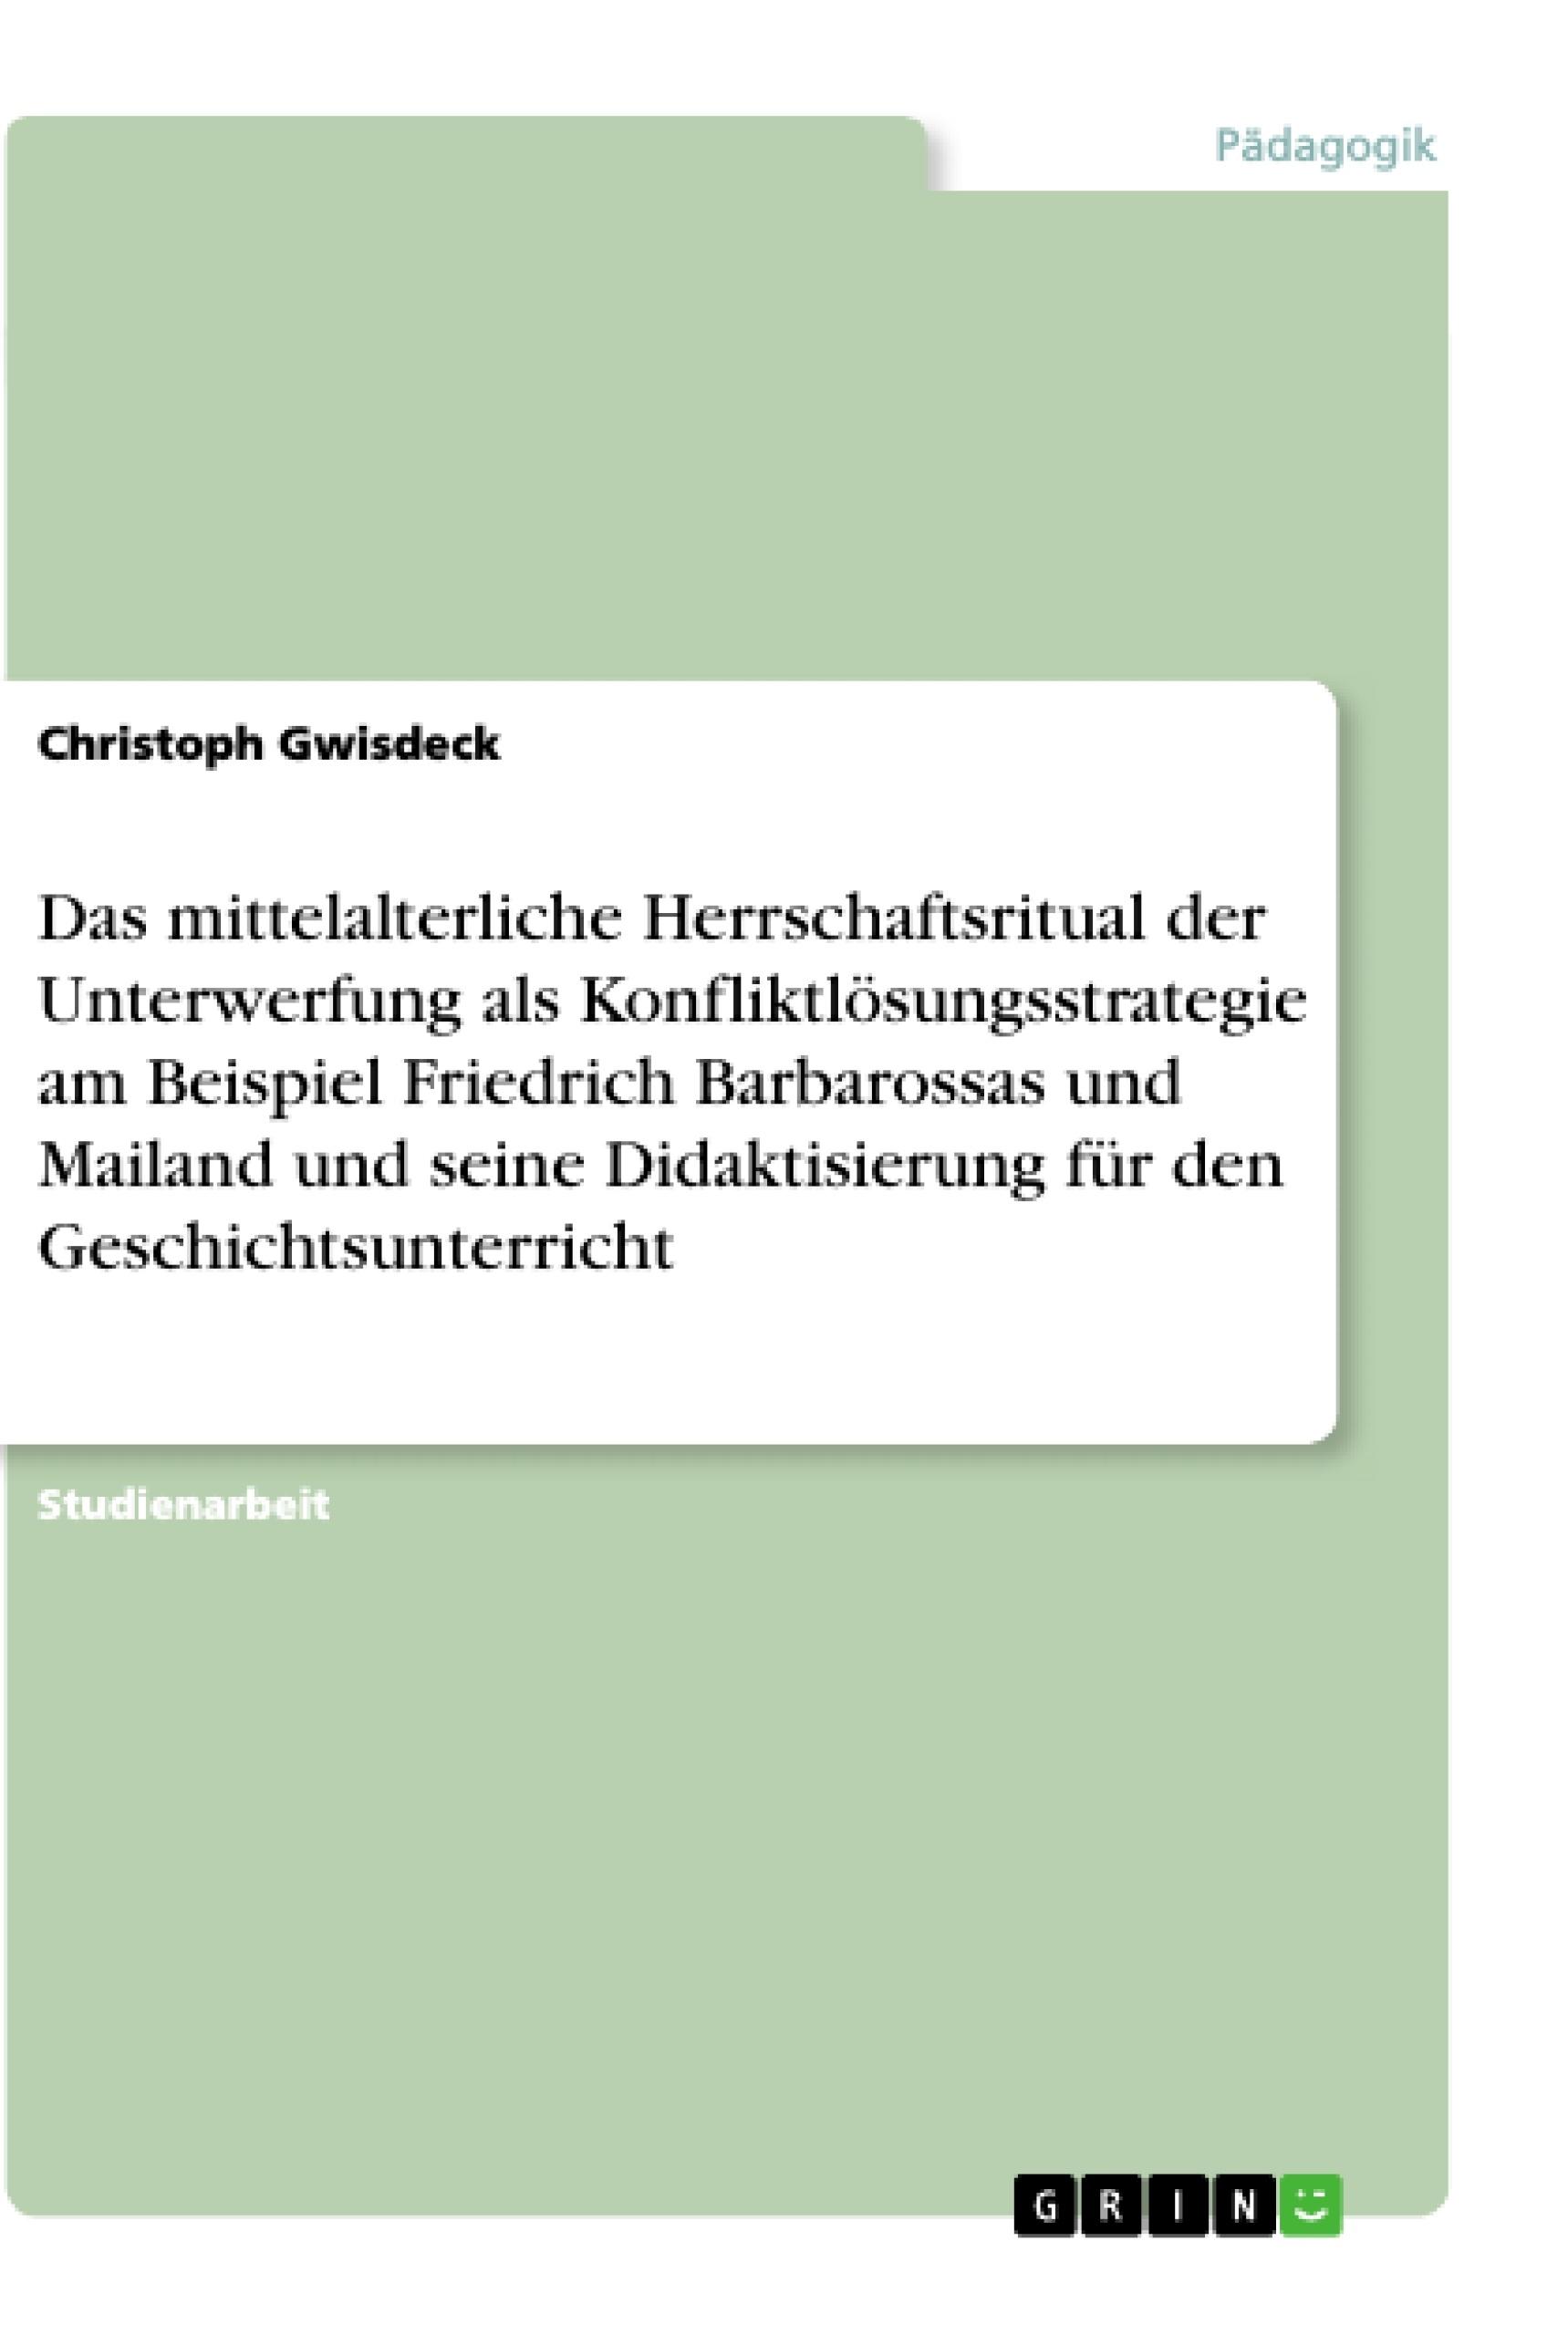 Titel: Das mittelalterliche Herrschaftsritual der Unterwerfung als Konfliktlösungsstrategie am Beispiel Friedrich Barbarossas und Mailand und seine Didaktisierung für den Geschichtsunterricht